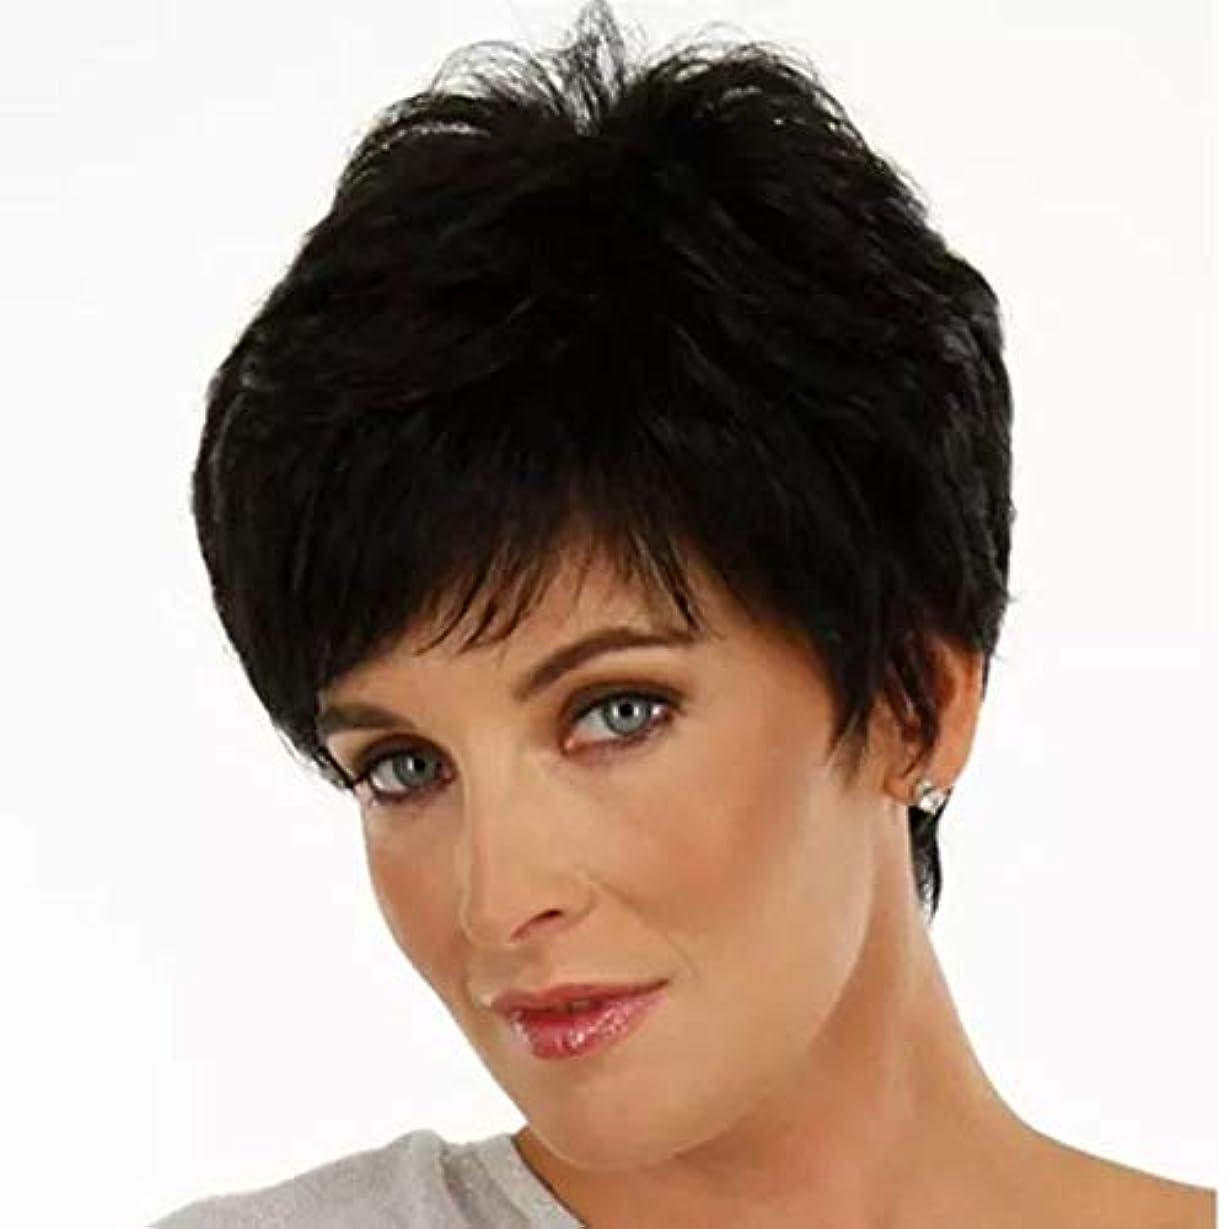 入射上に築きます傾向Kerwinner 女性のための短いストレートヘアケアファイバー高温シルクウィッグヘッドギアをかつら